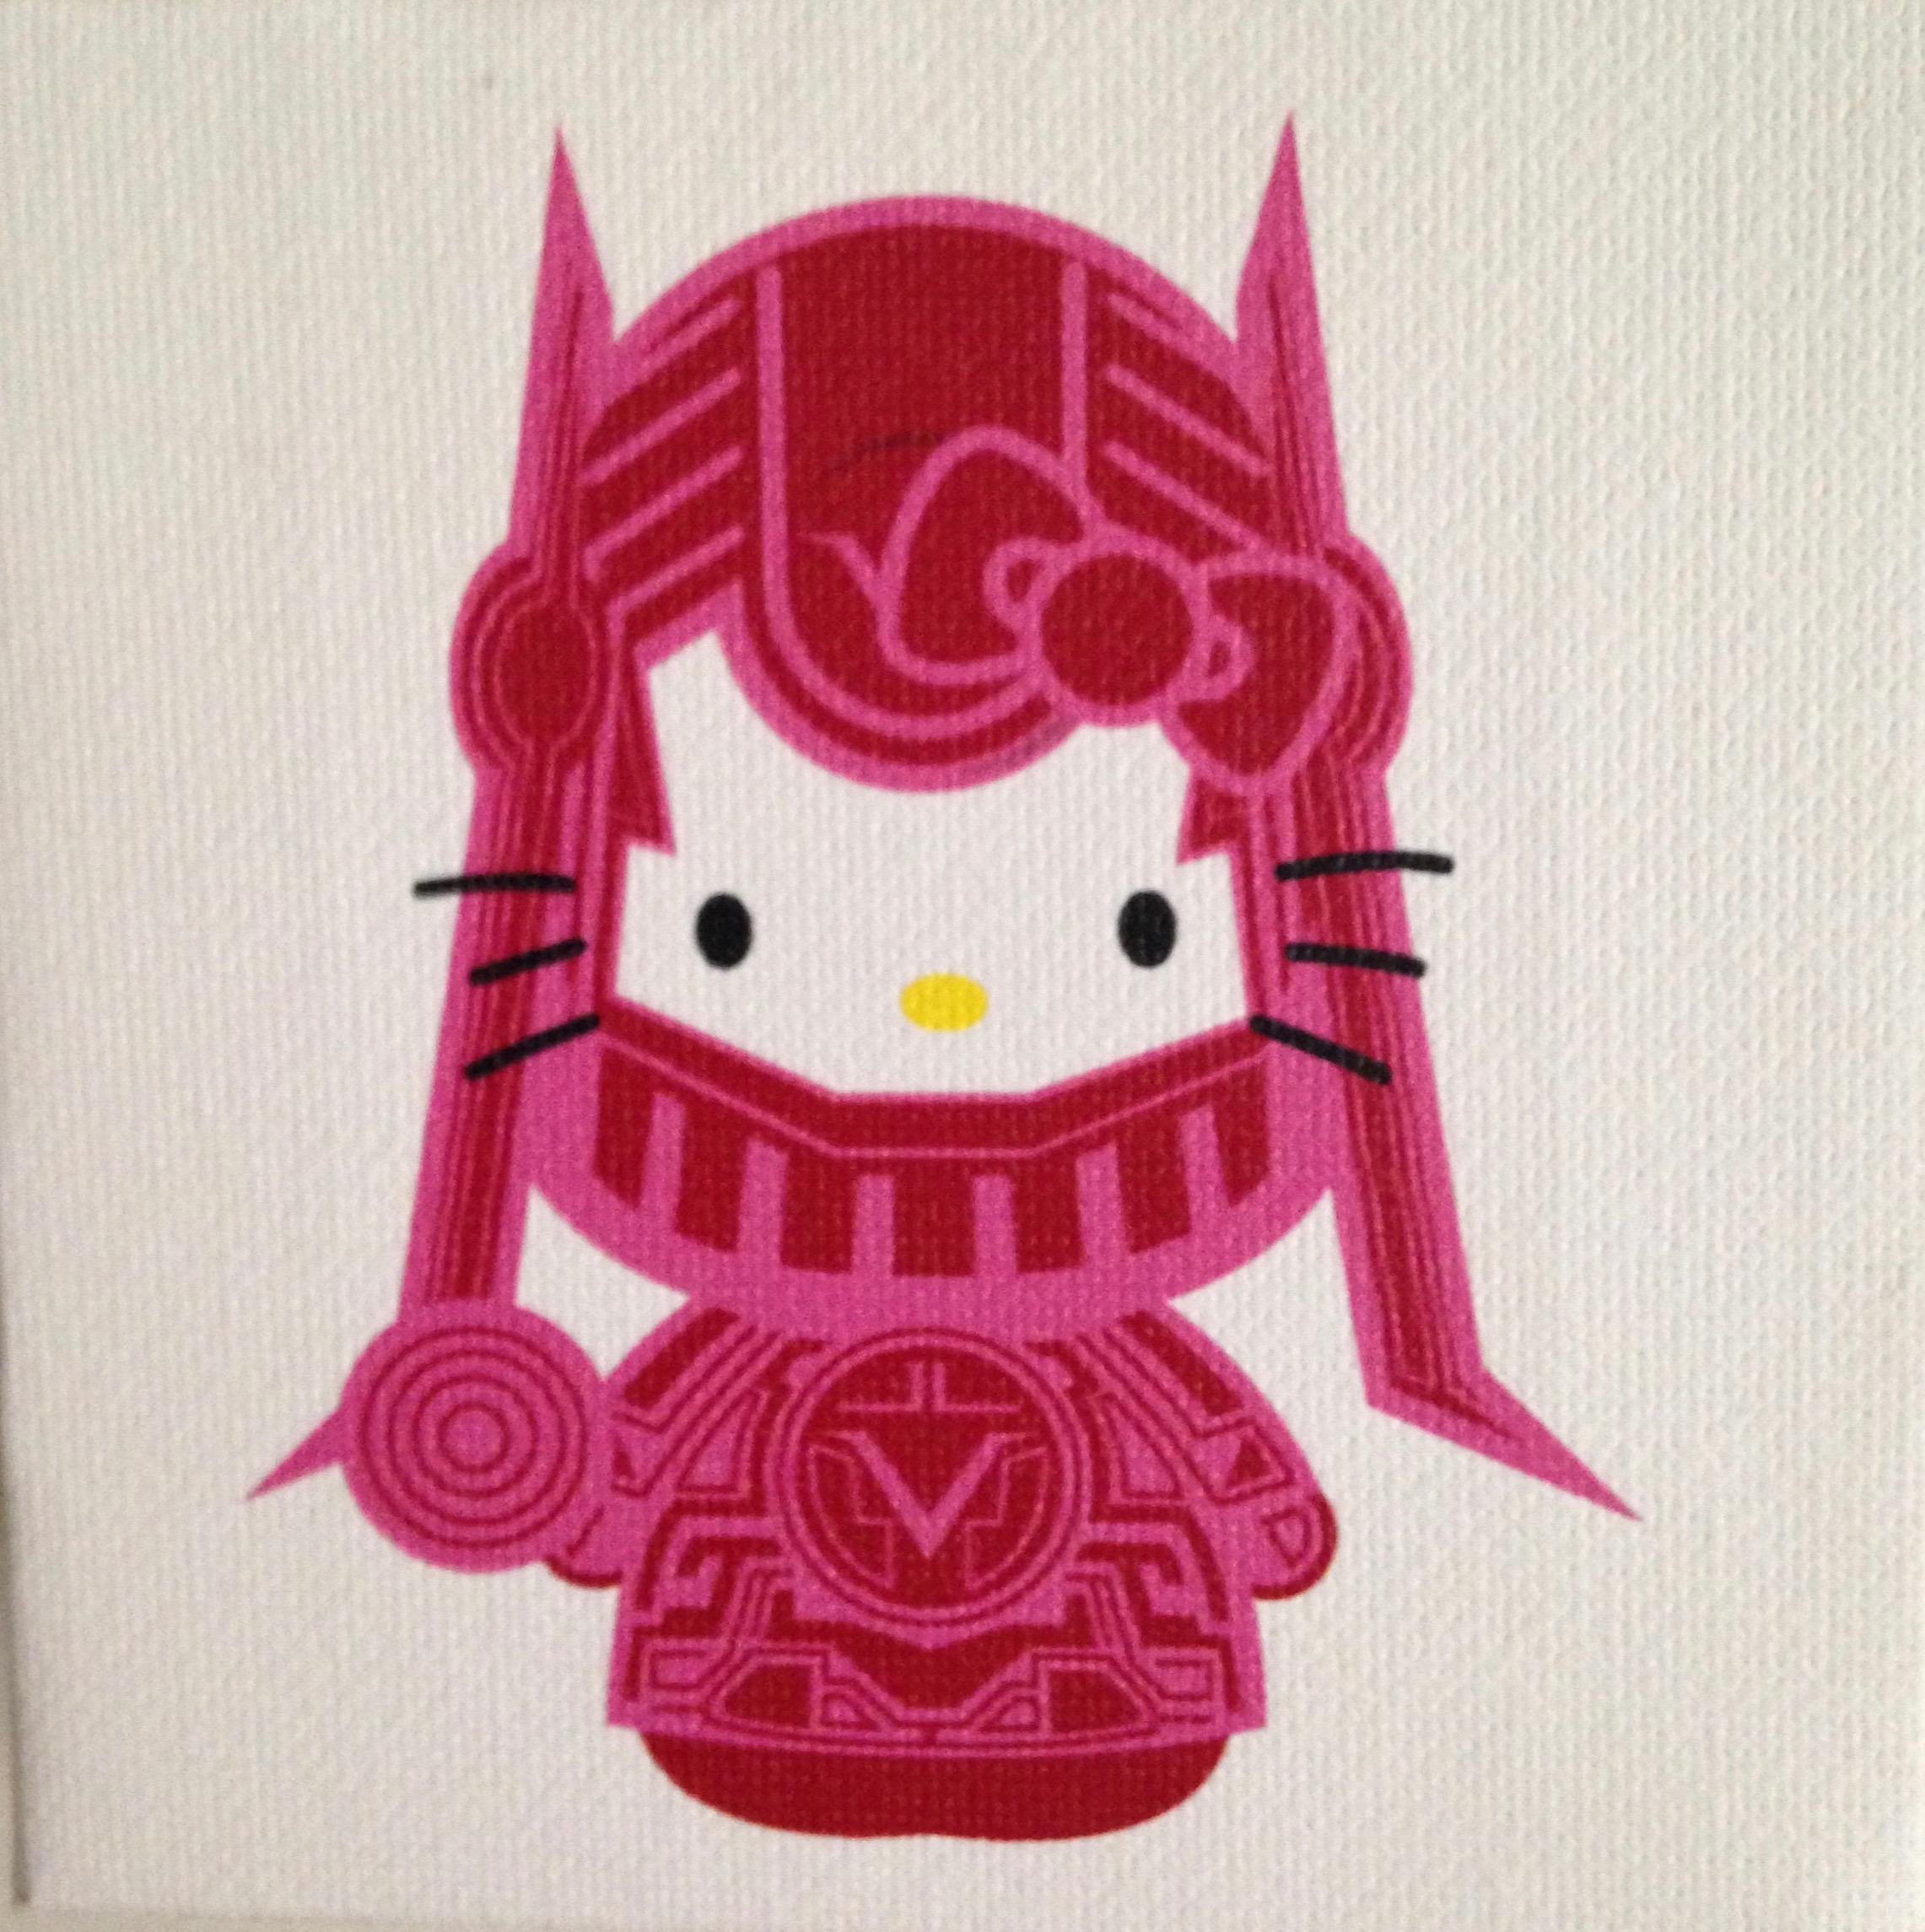 Sark Kitty, Plasticgod